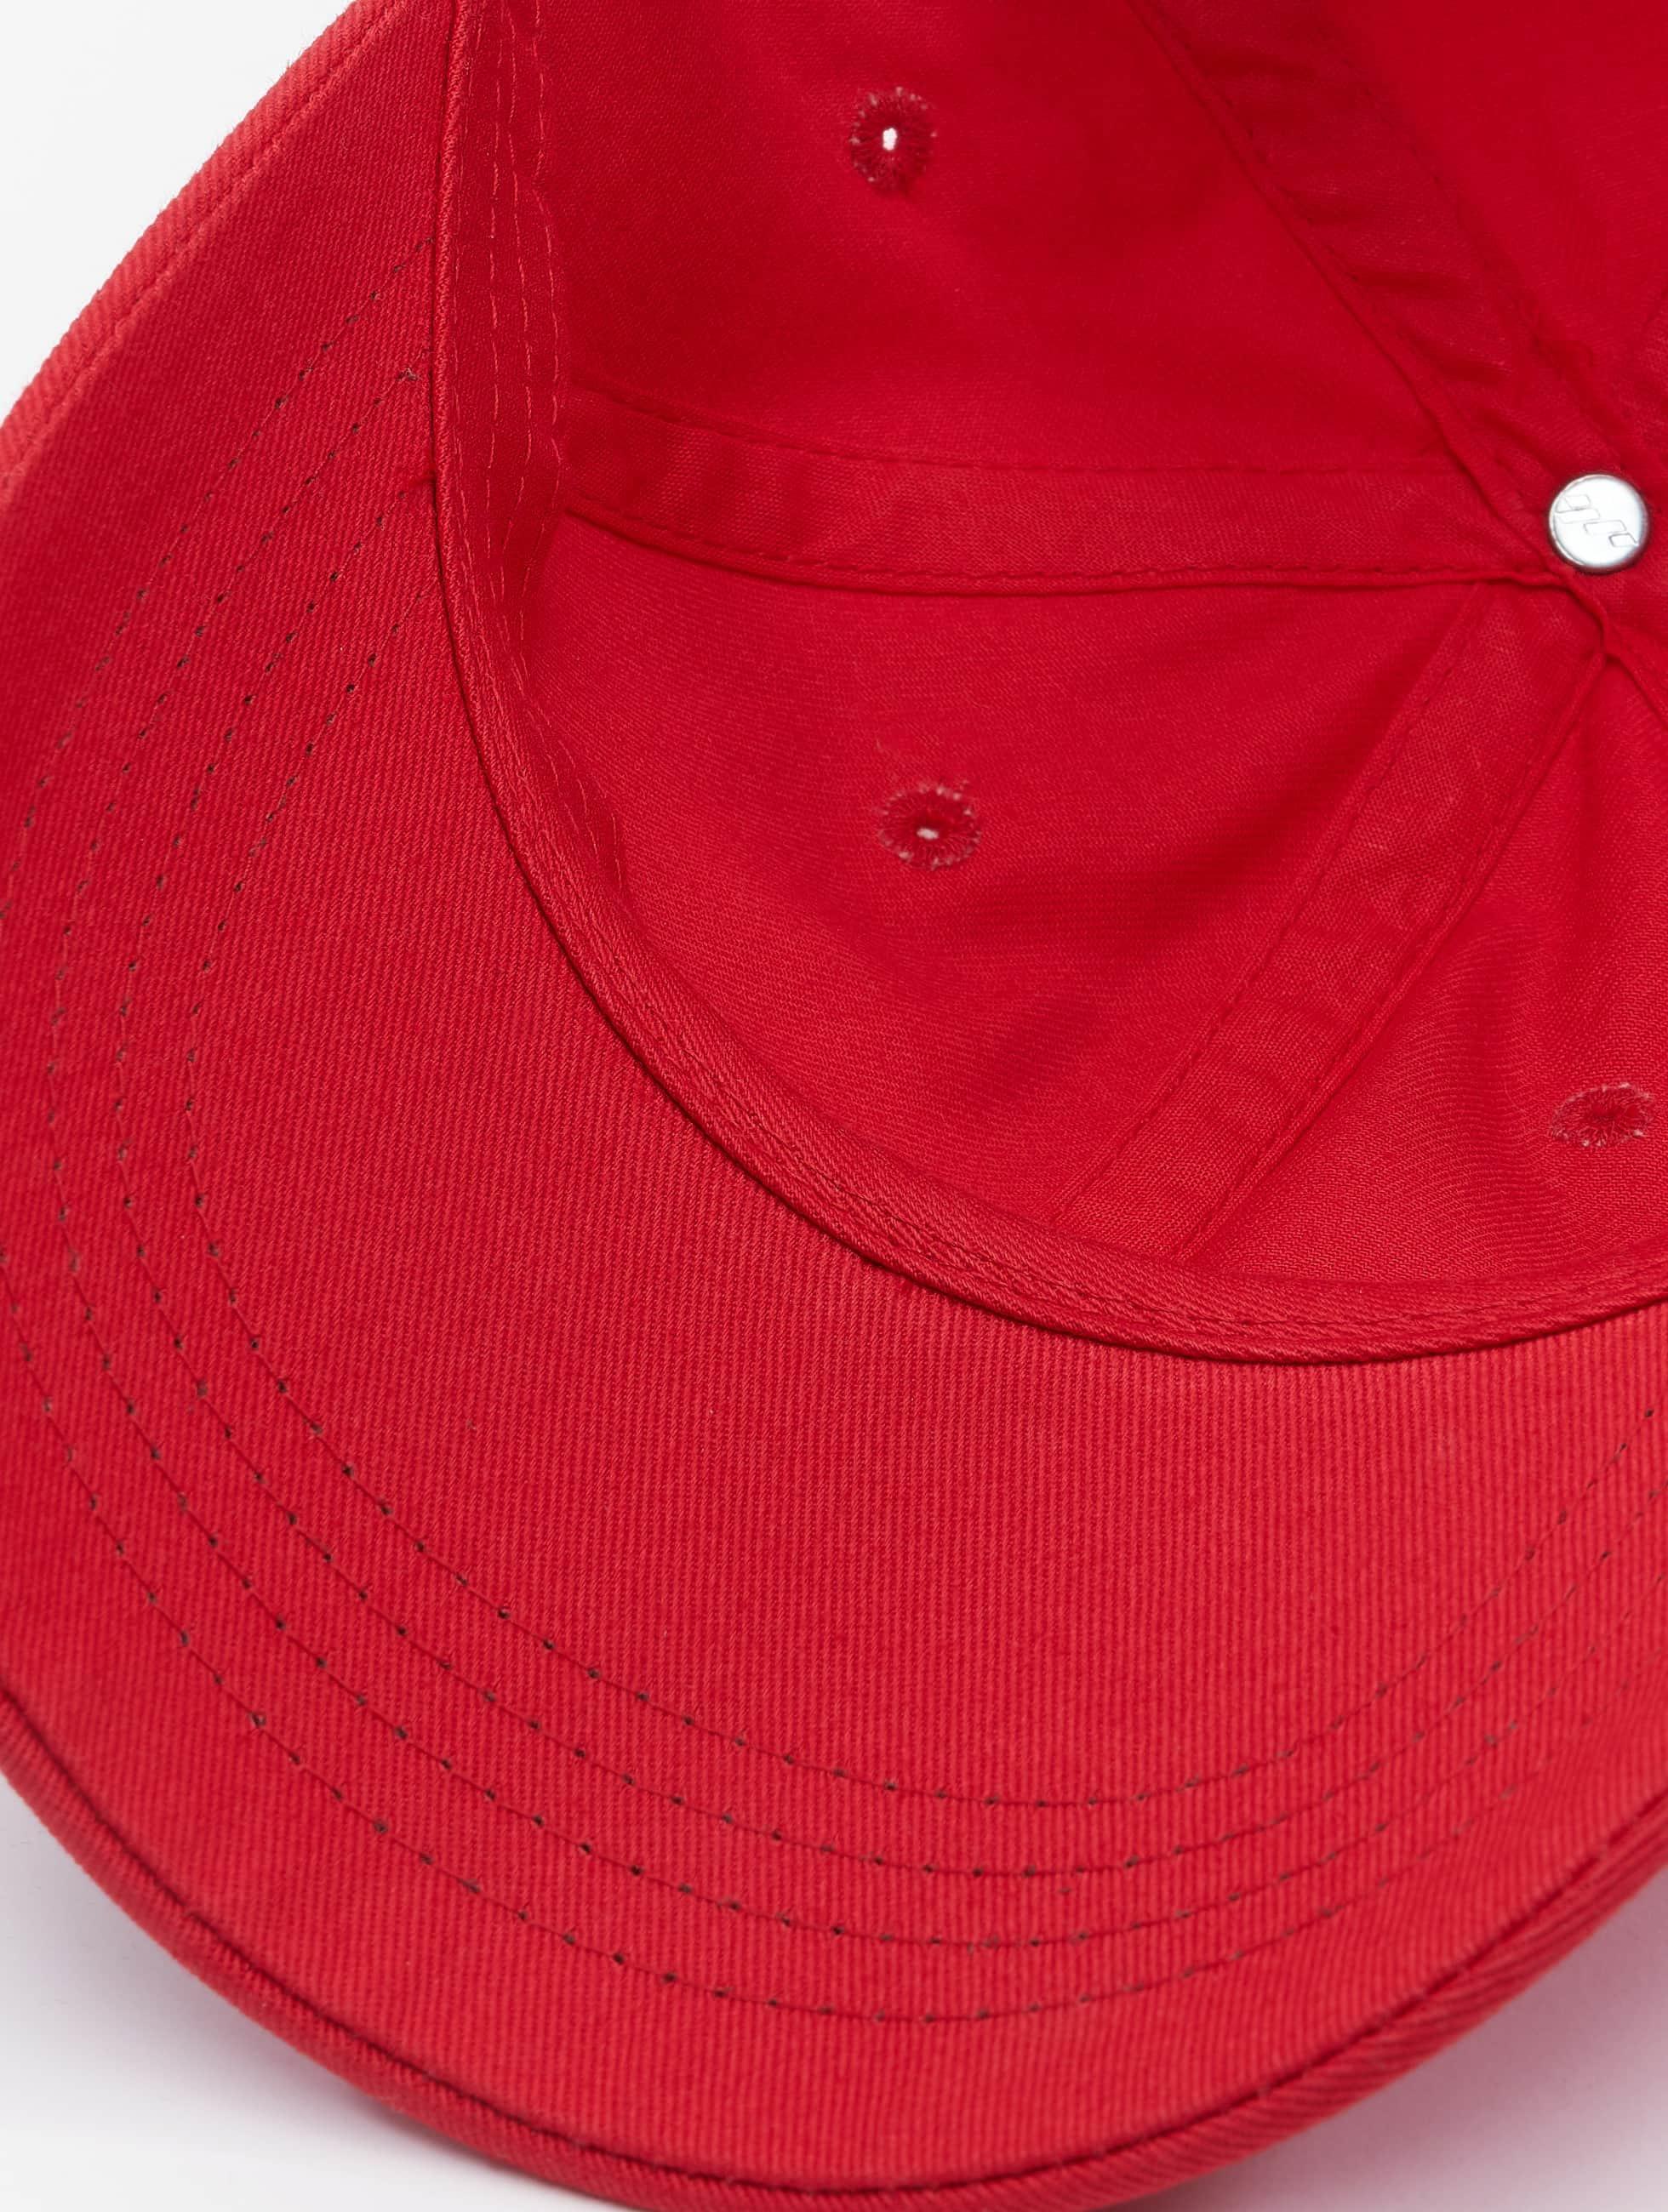 Flexfit Snapback Caps Low Profile Cotton Twill czerwony